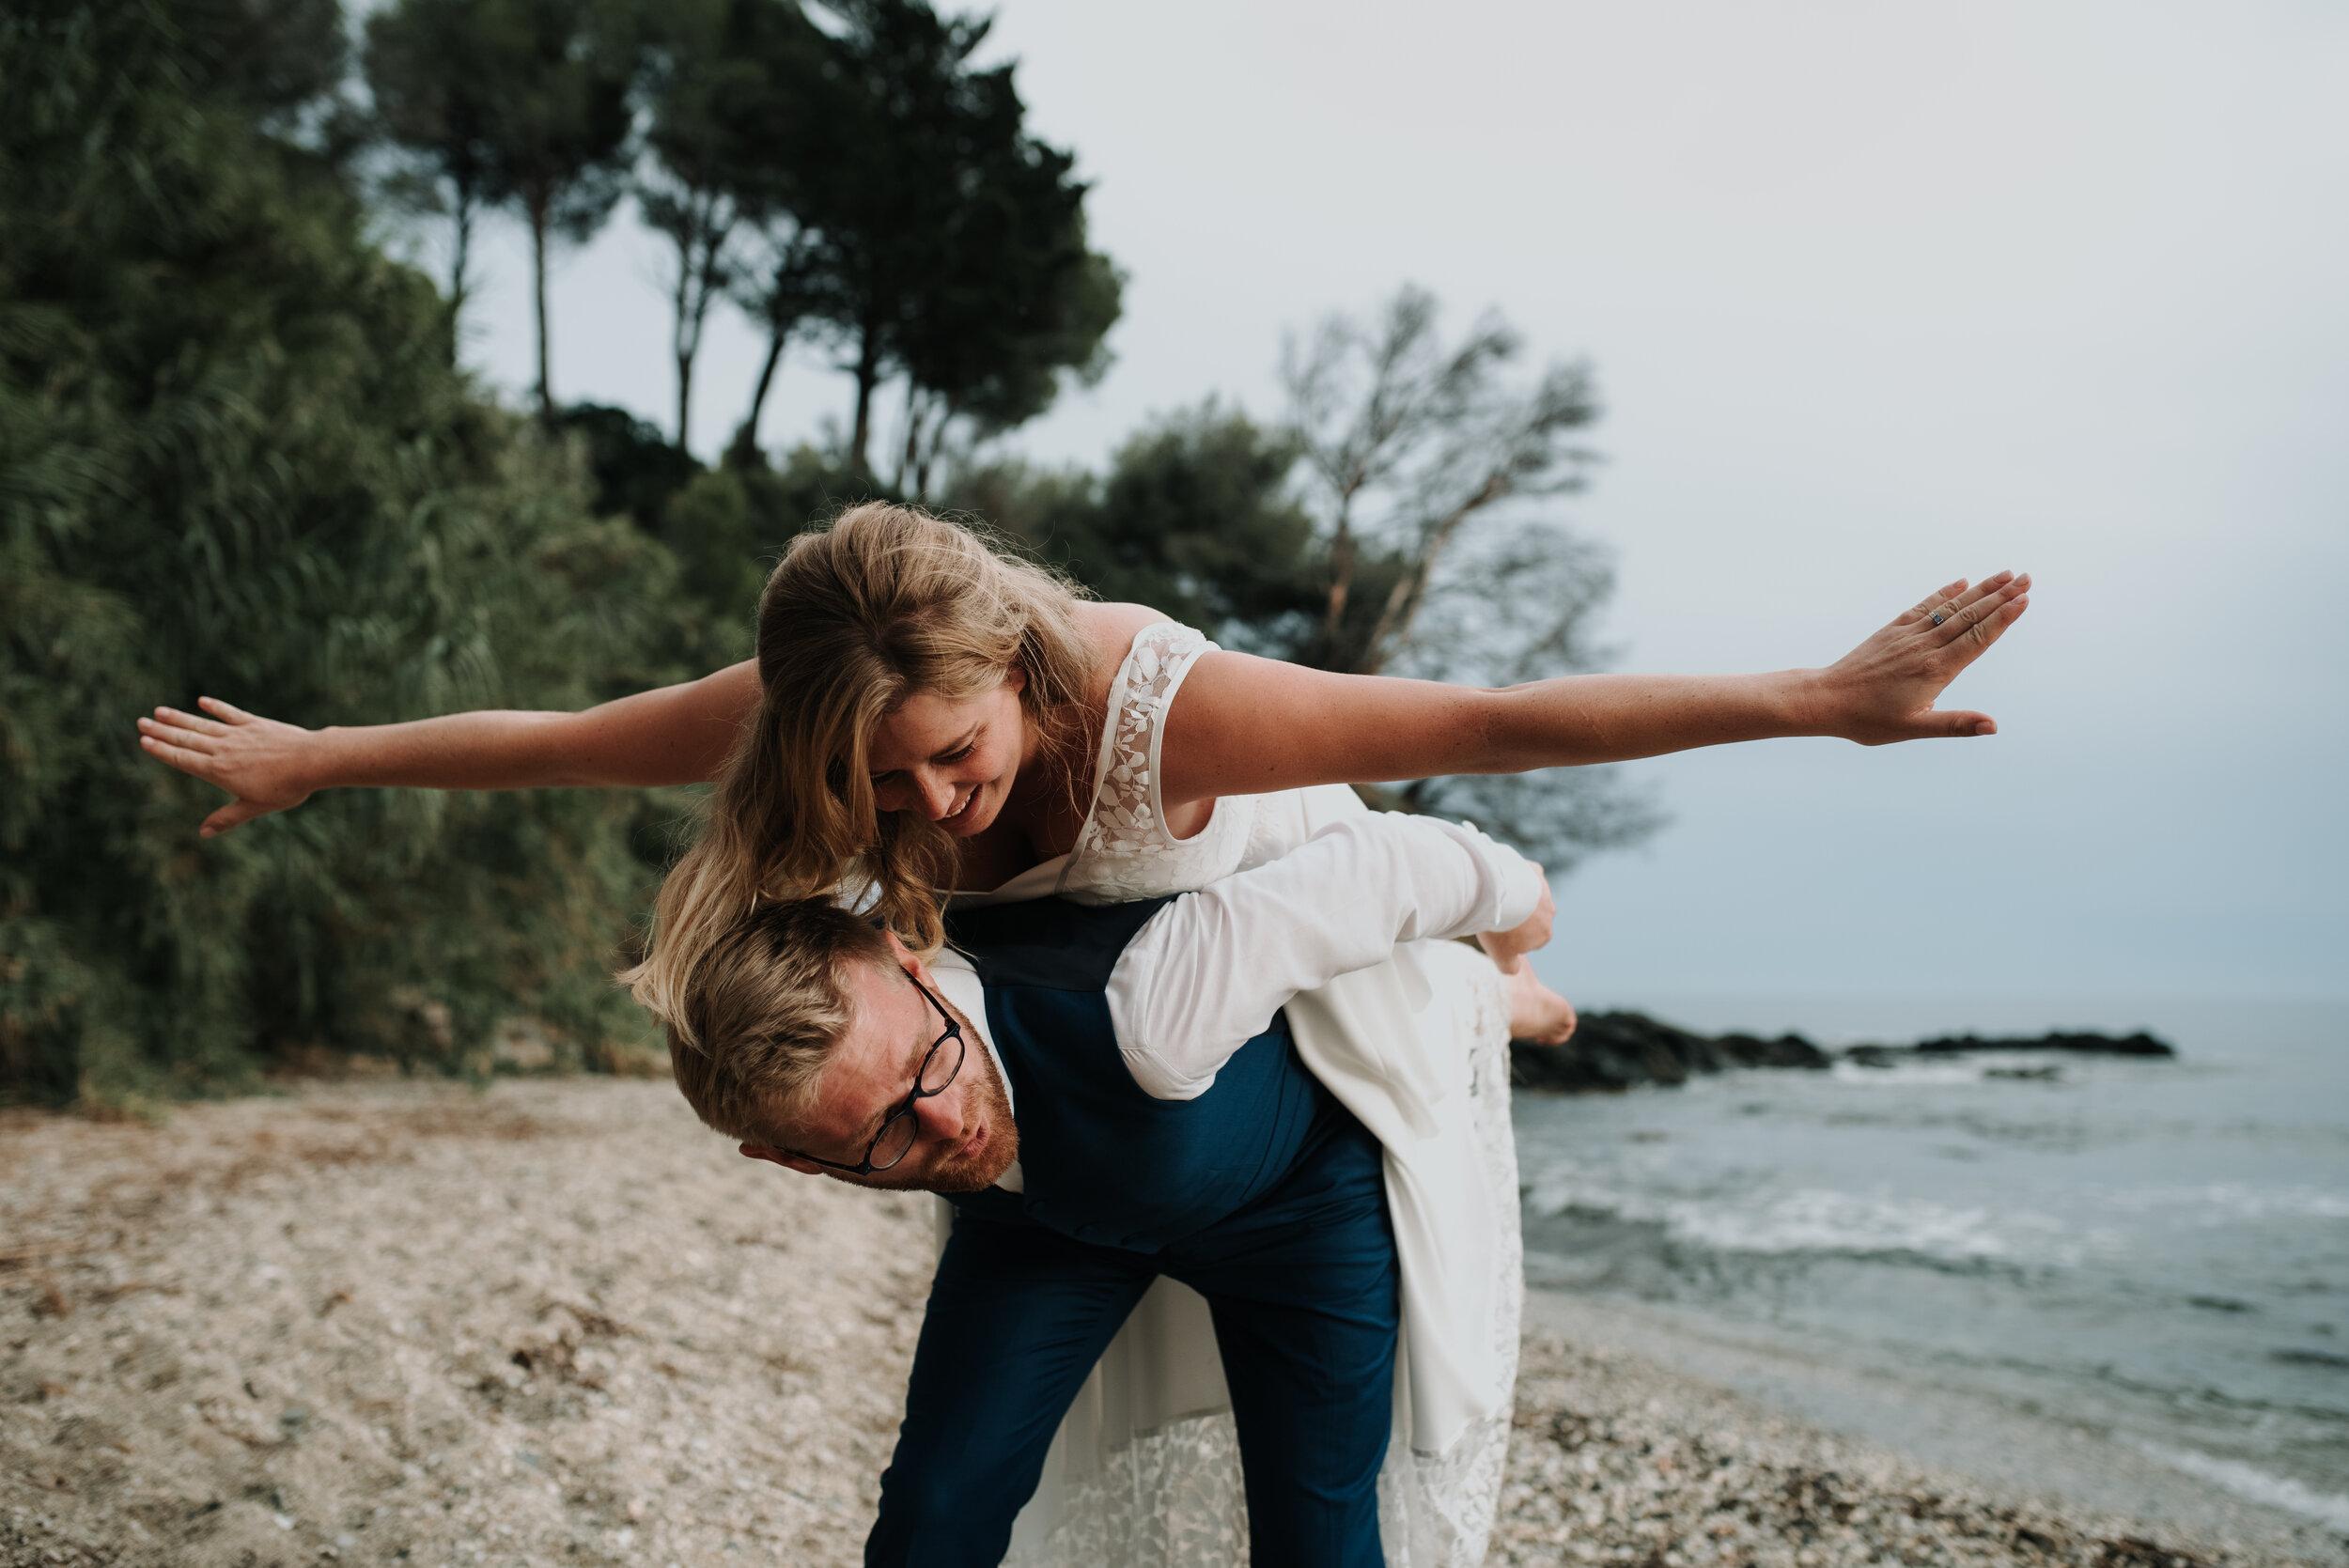 Léa-Fery-photographe-professionnel-Bretagne-portrait-creation-mariage-evenement-evenementiel-famille-0553.jpg